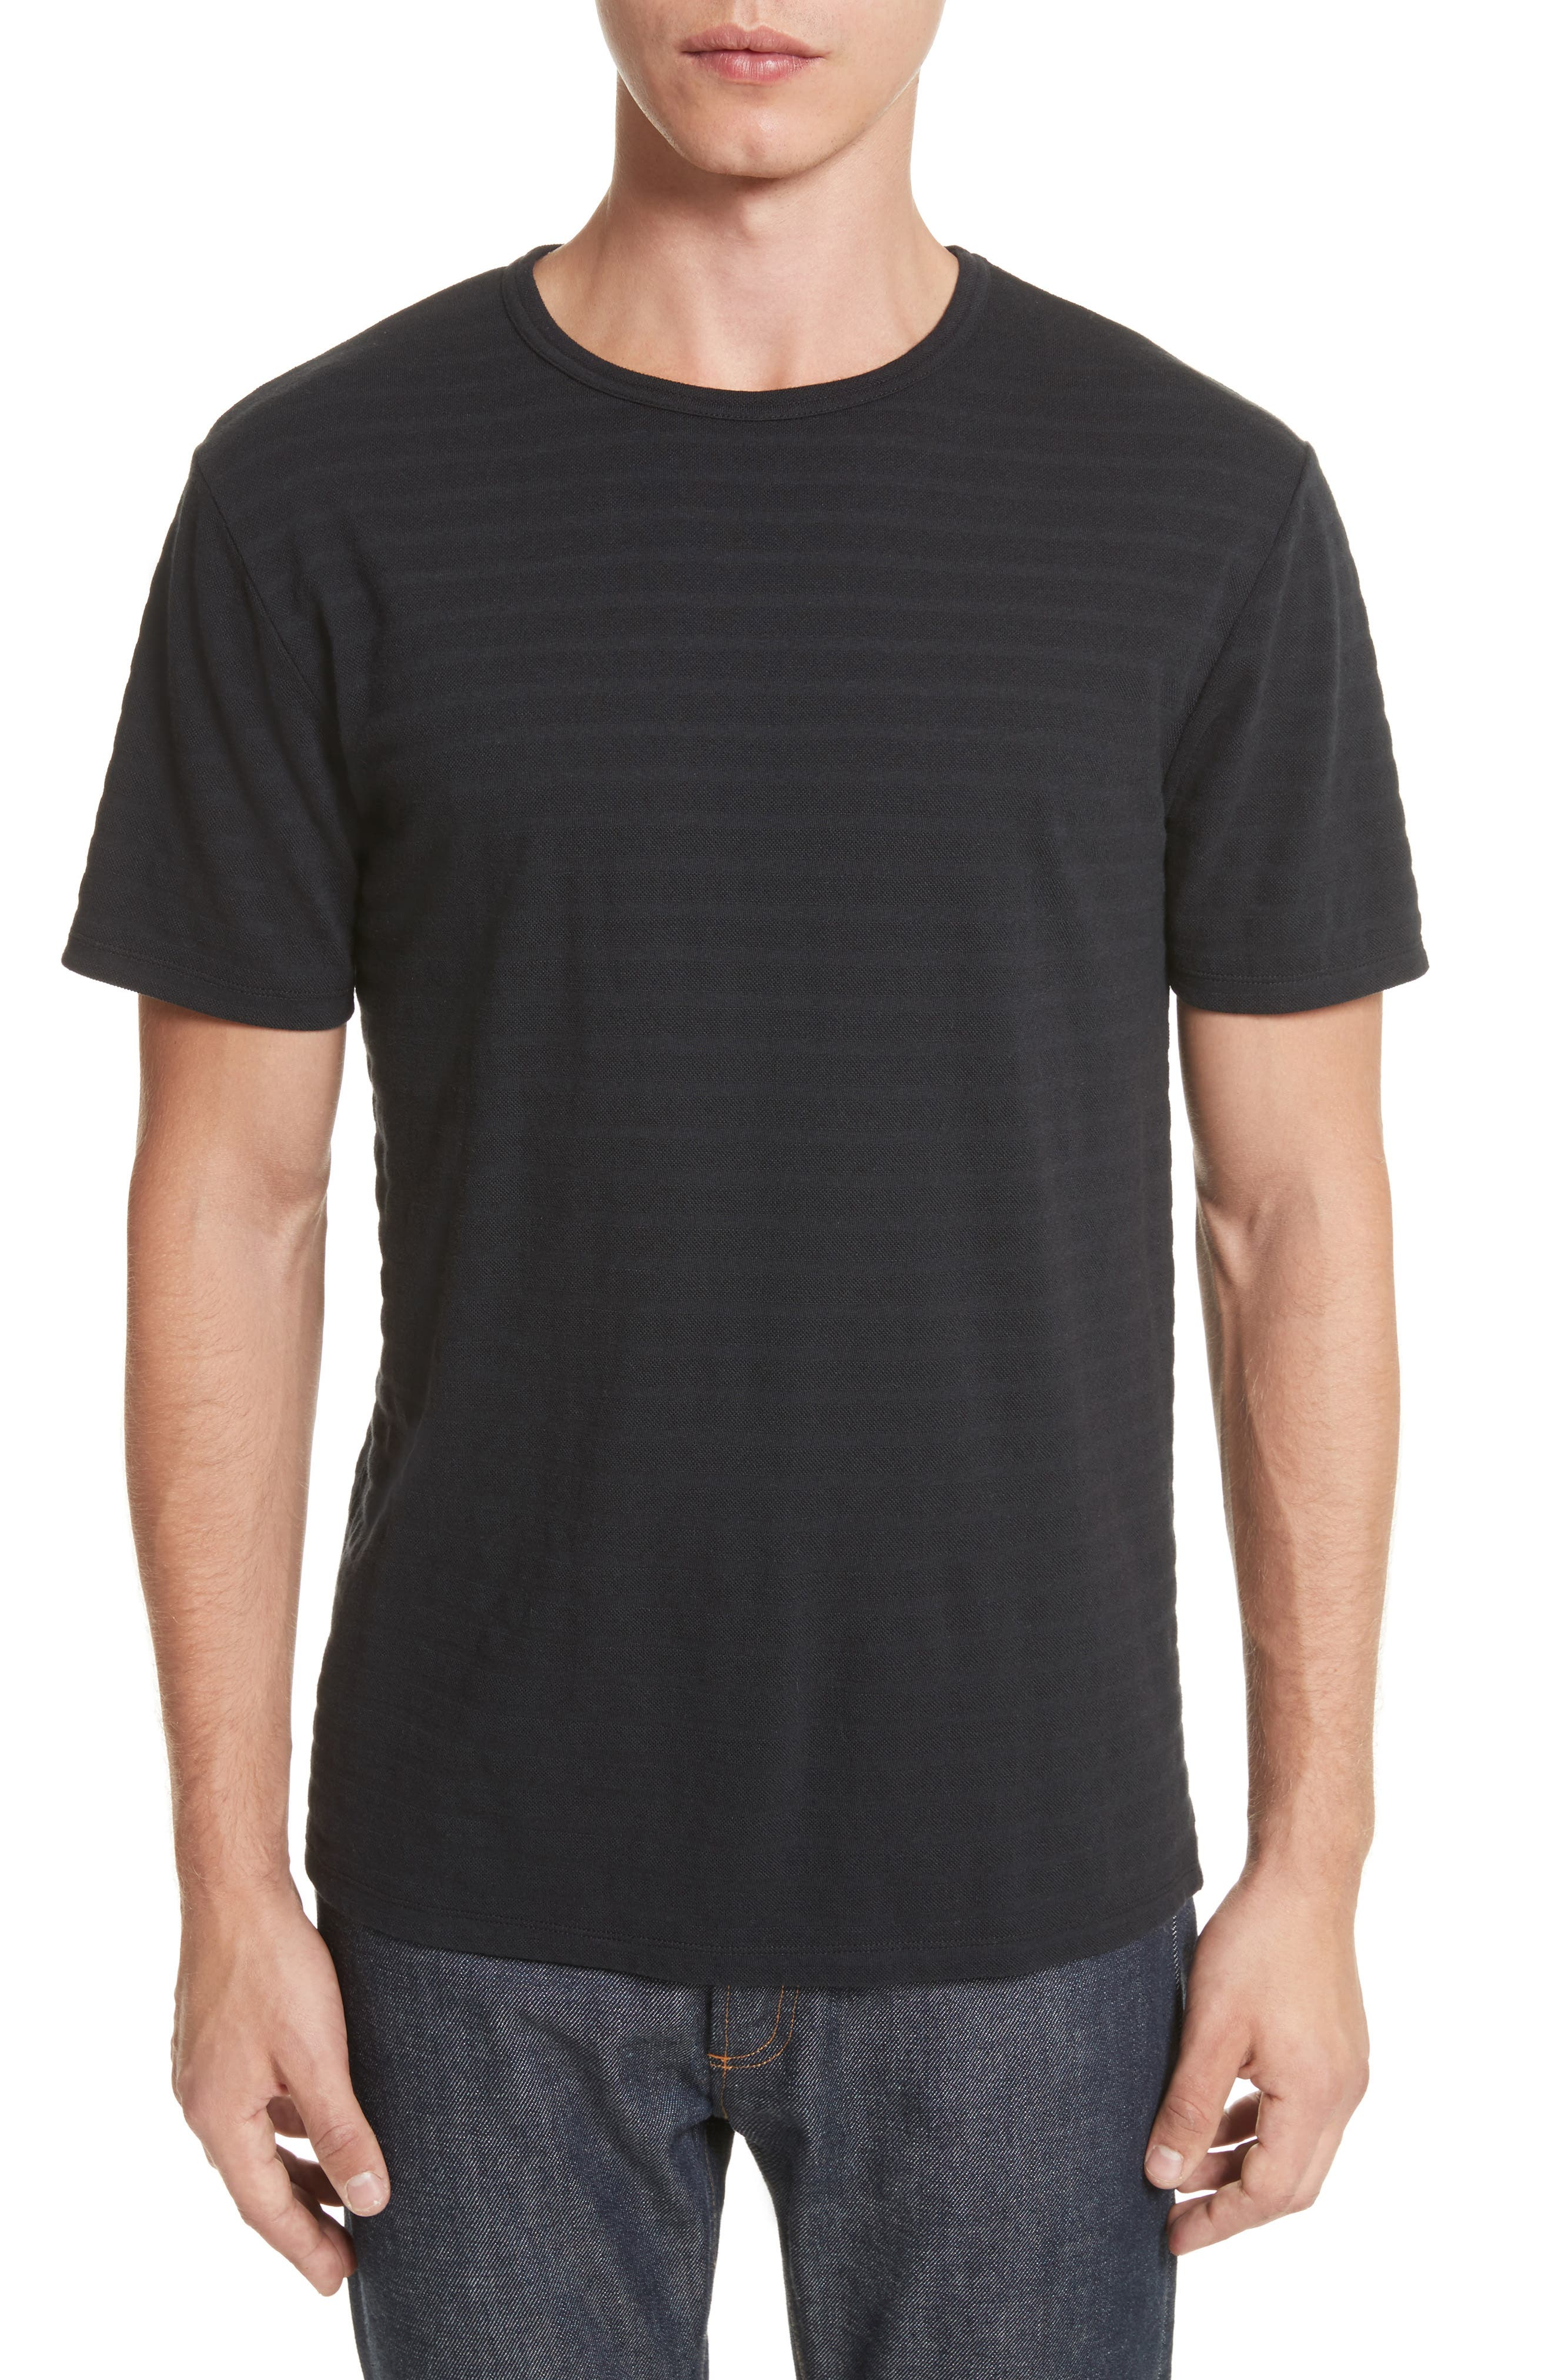 Main Image - A.P.C. Winston Crewneck T-Shirt